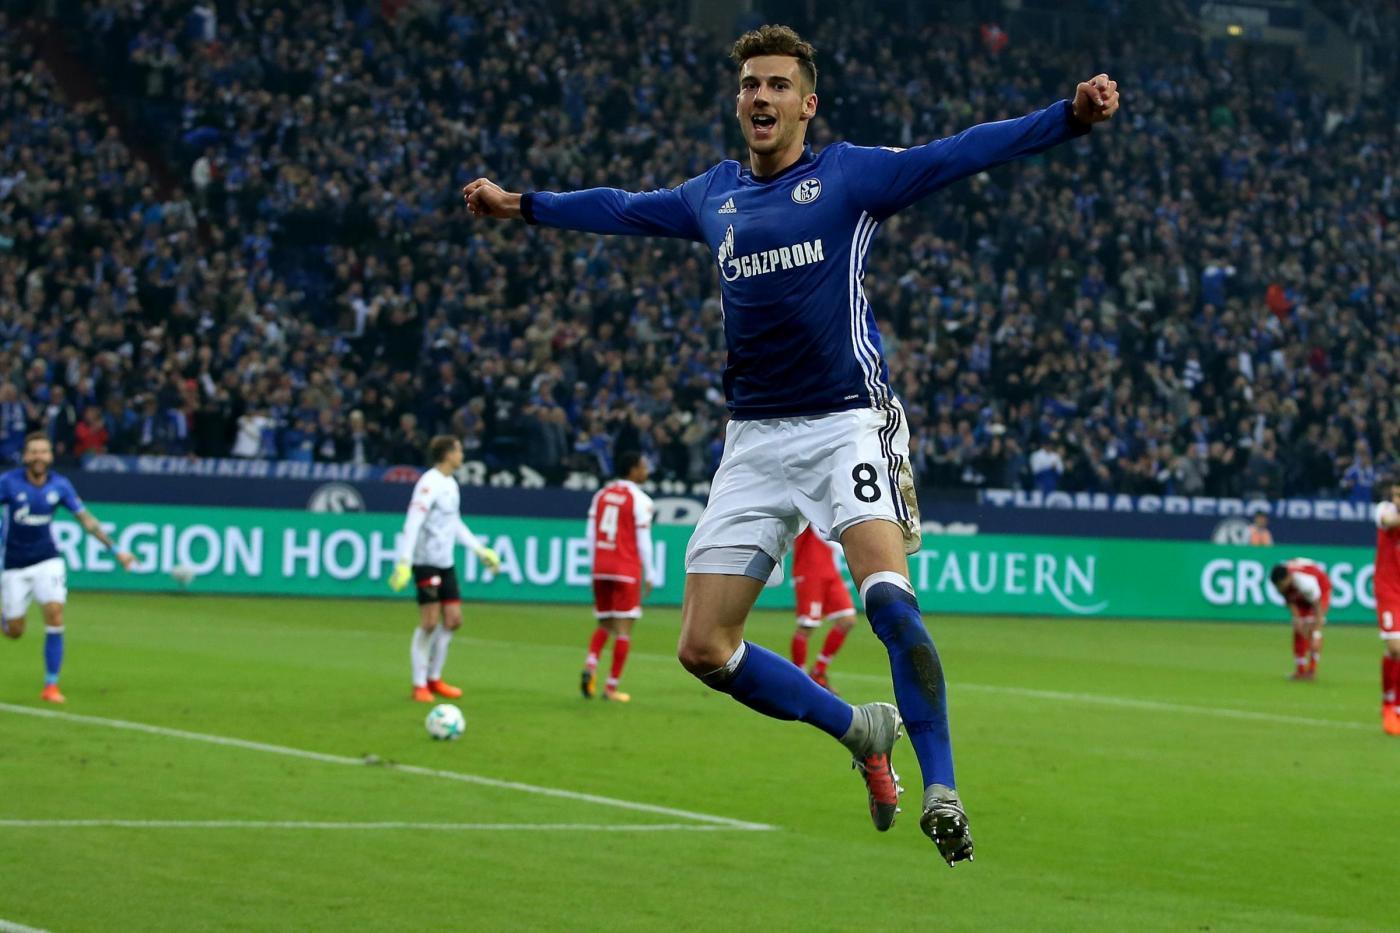 Schalke-Lokomotiv Mosca 11 dicembre: si gioca per l'ultima giornata del gruppo D di Champions League. Tedeschi già agli ottavi.